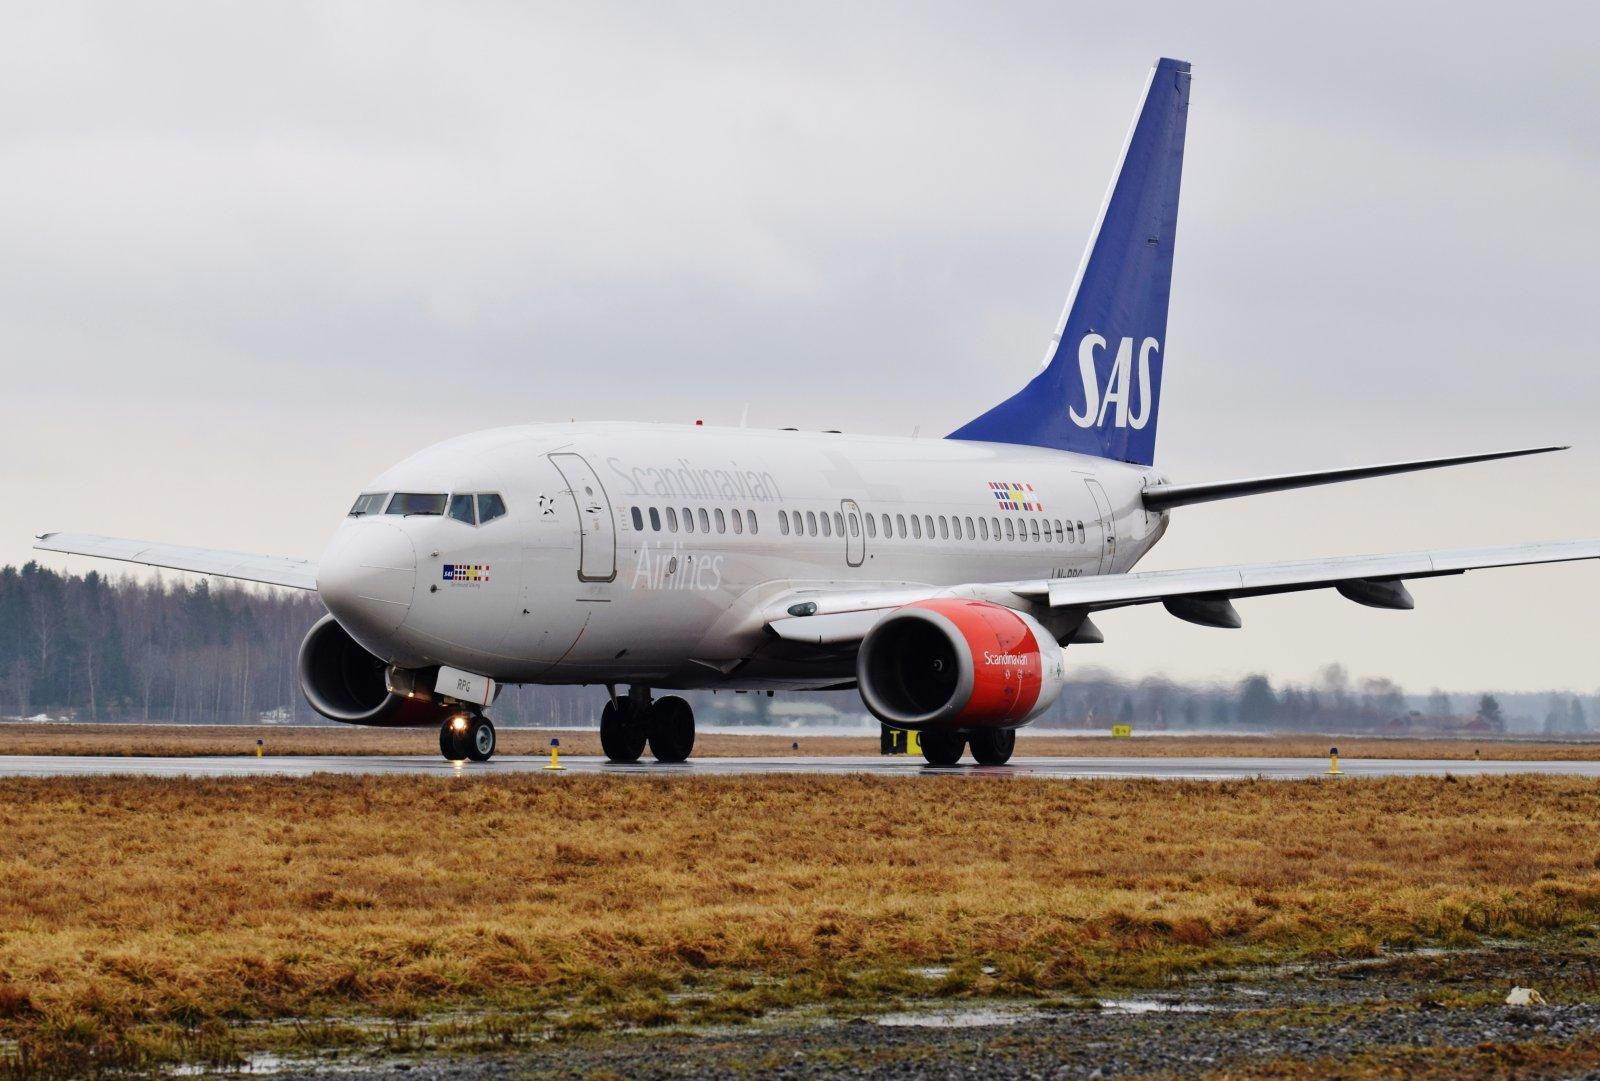 LN-RPG - Boeing 737-683 - SAS - 4.4.2019